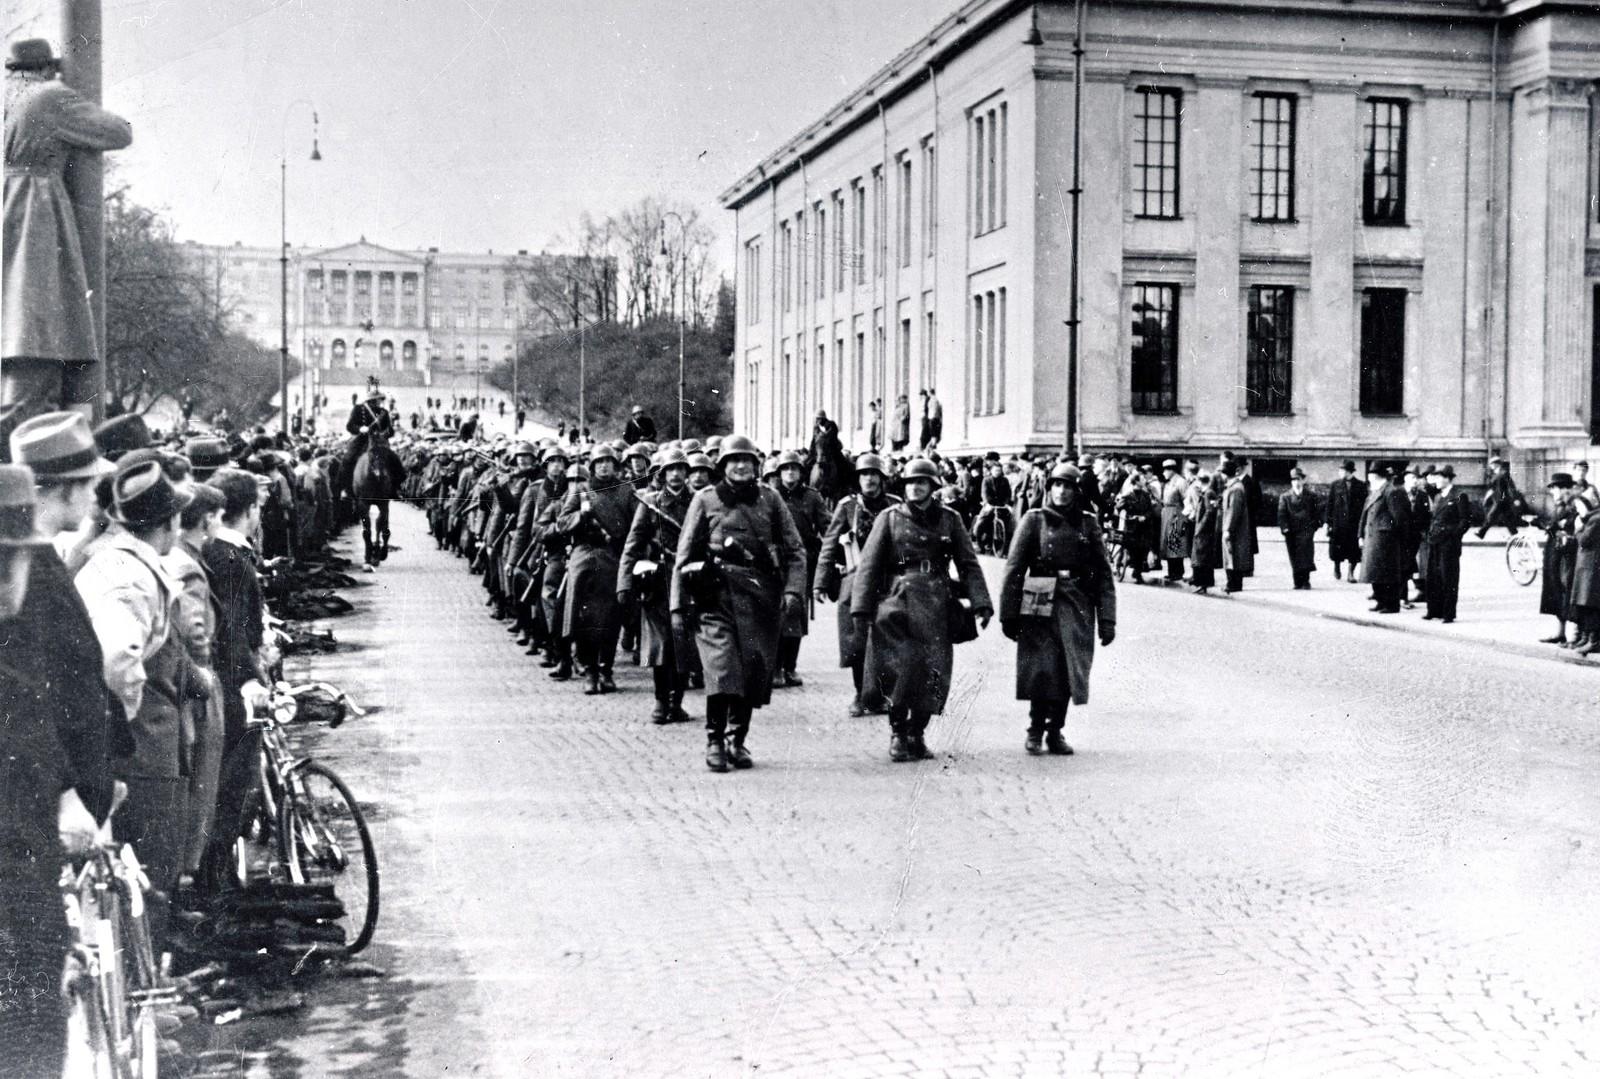 Tyske styrker rykker inn i Oslo, og marsjerer på Karl Johans gate ved Universitetet 9. april 1940.